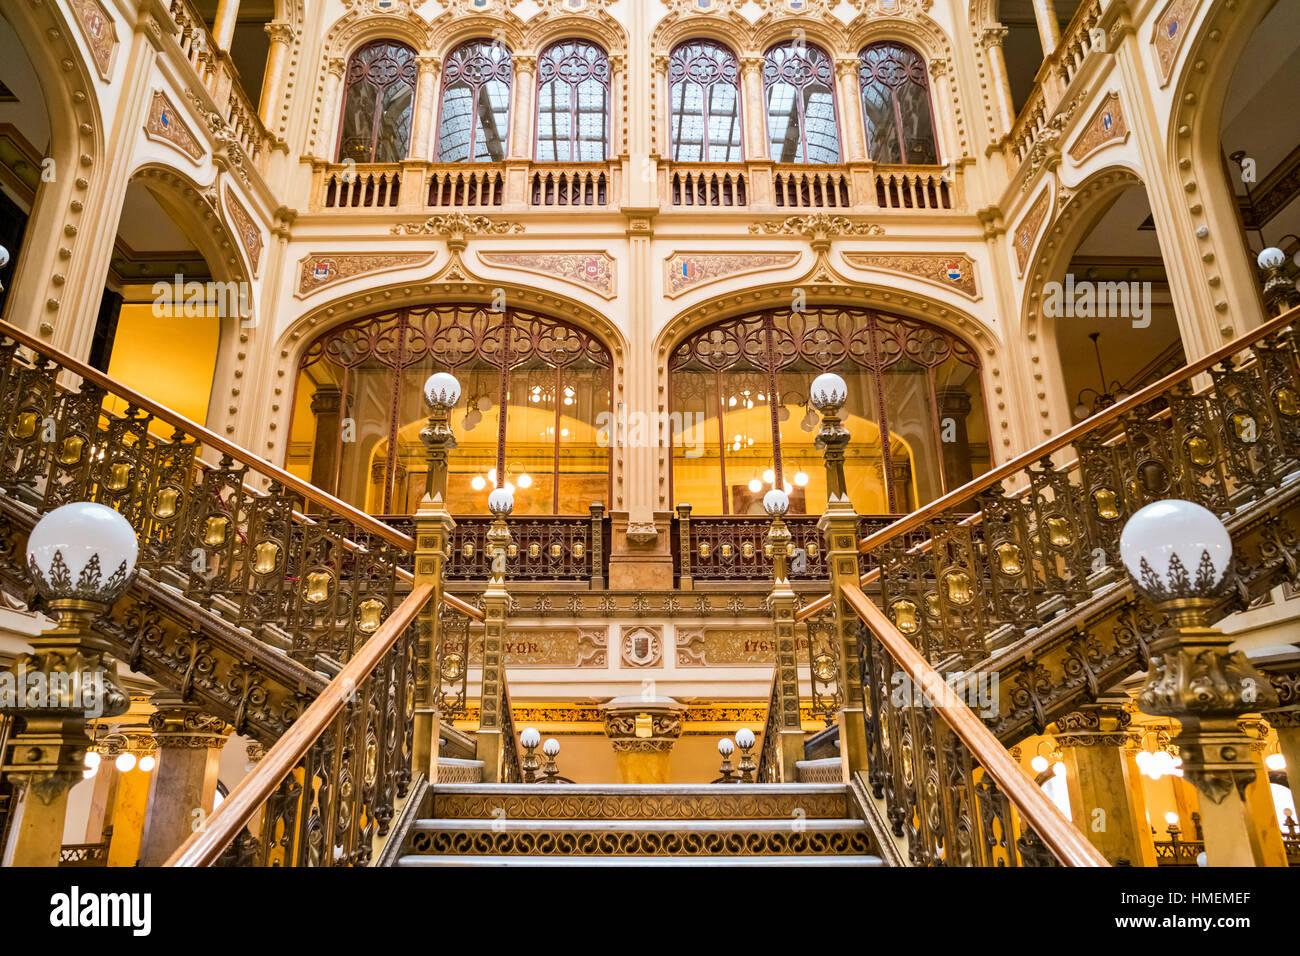 The ornate interior staircase of the landmark Postal Palace (Palacio de Correos de Mexico) located in downtown Mexico Stock Photo